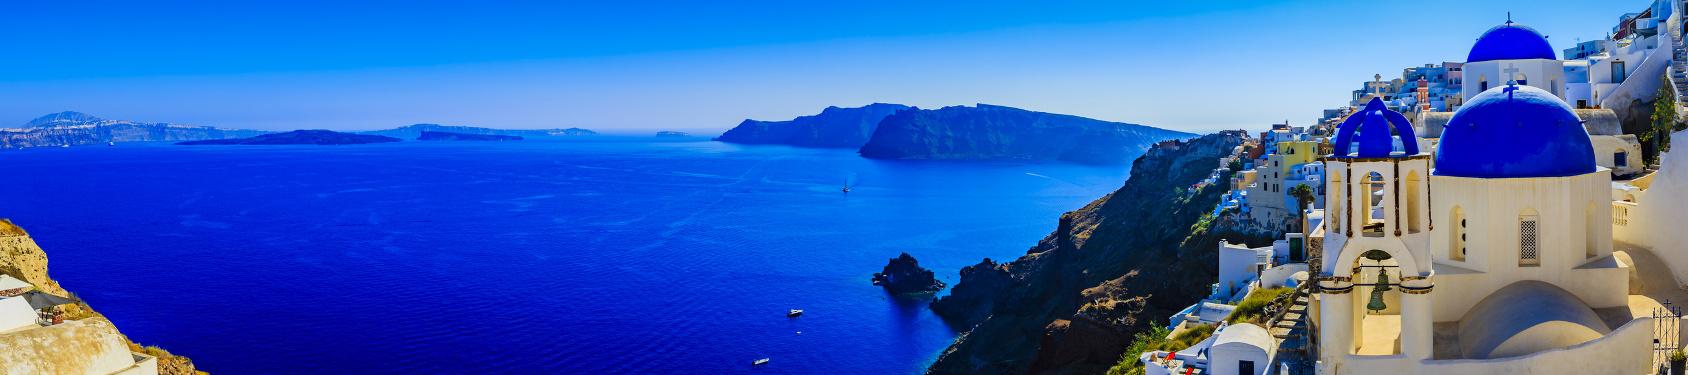 Bild von Griechenland